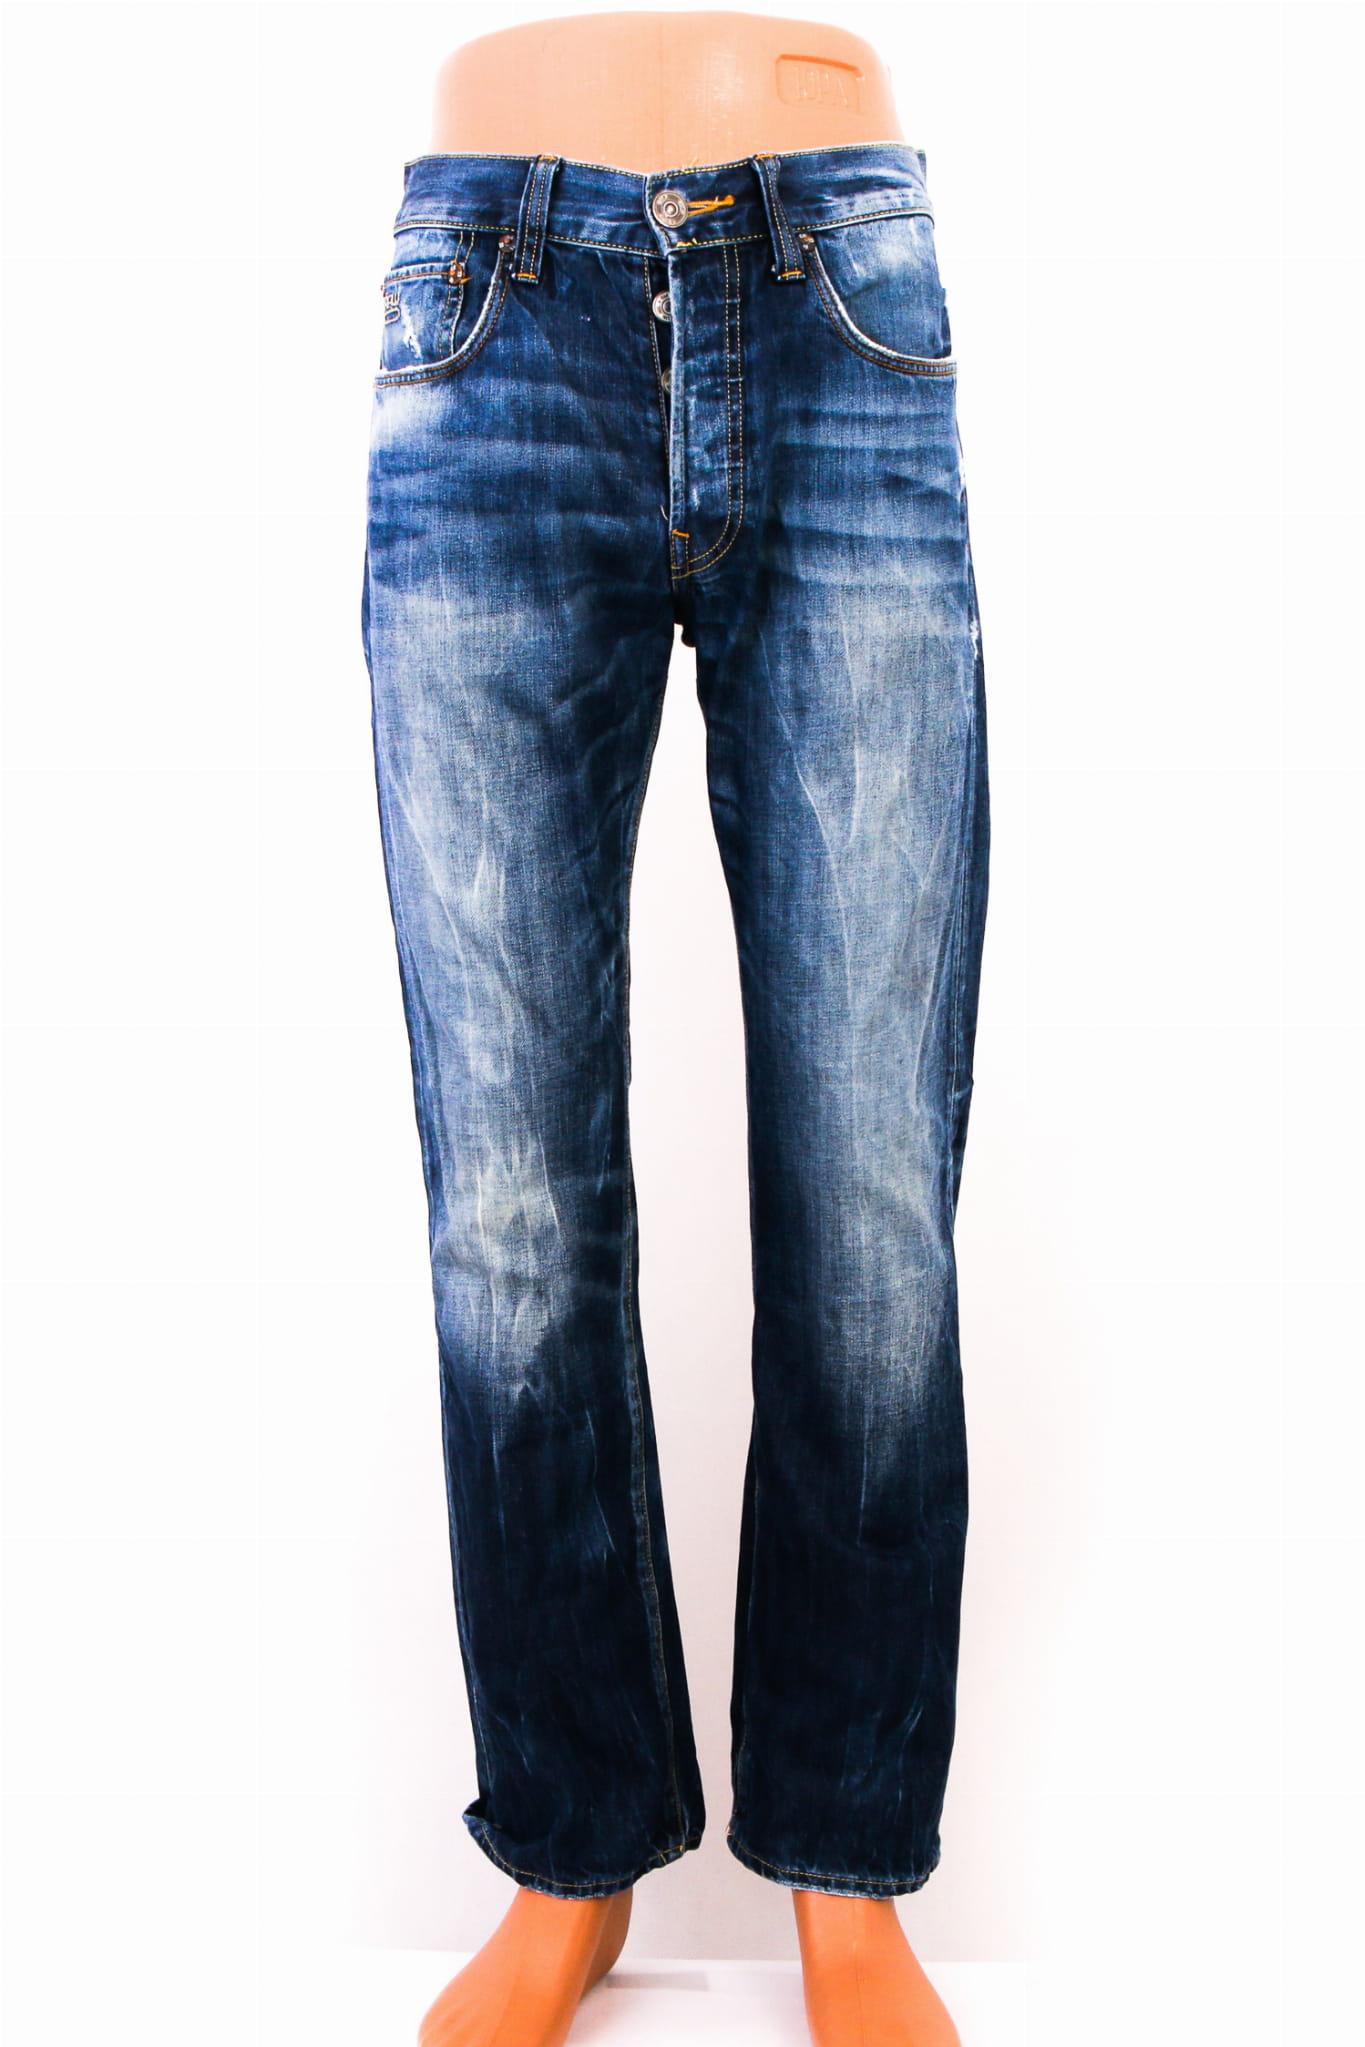 Storbritannien super kvalitet bästsäljande X G-Star Raw Mens Jeans Straight FIt W30 L30 | eBay